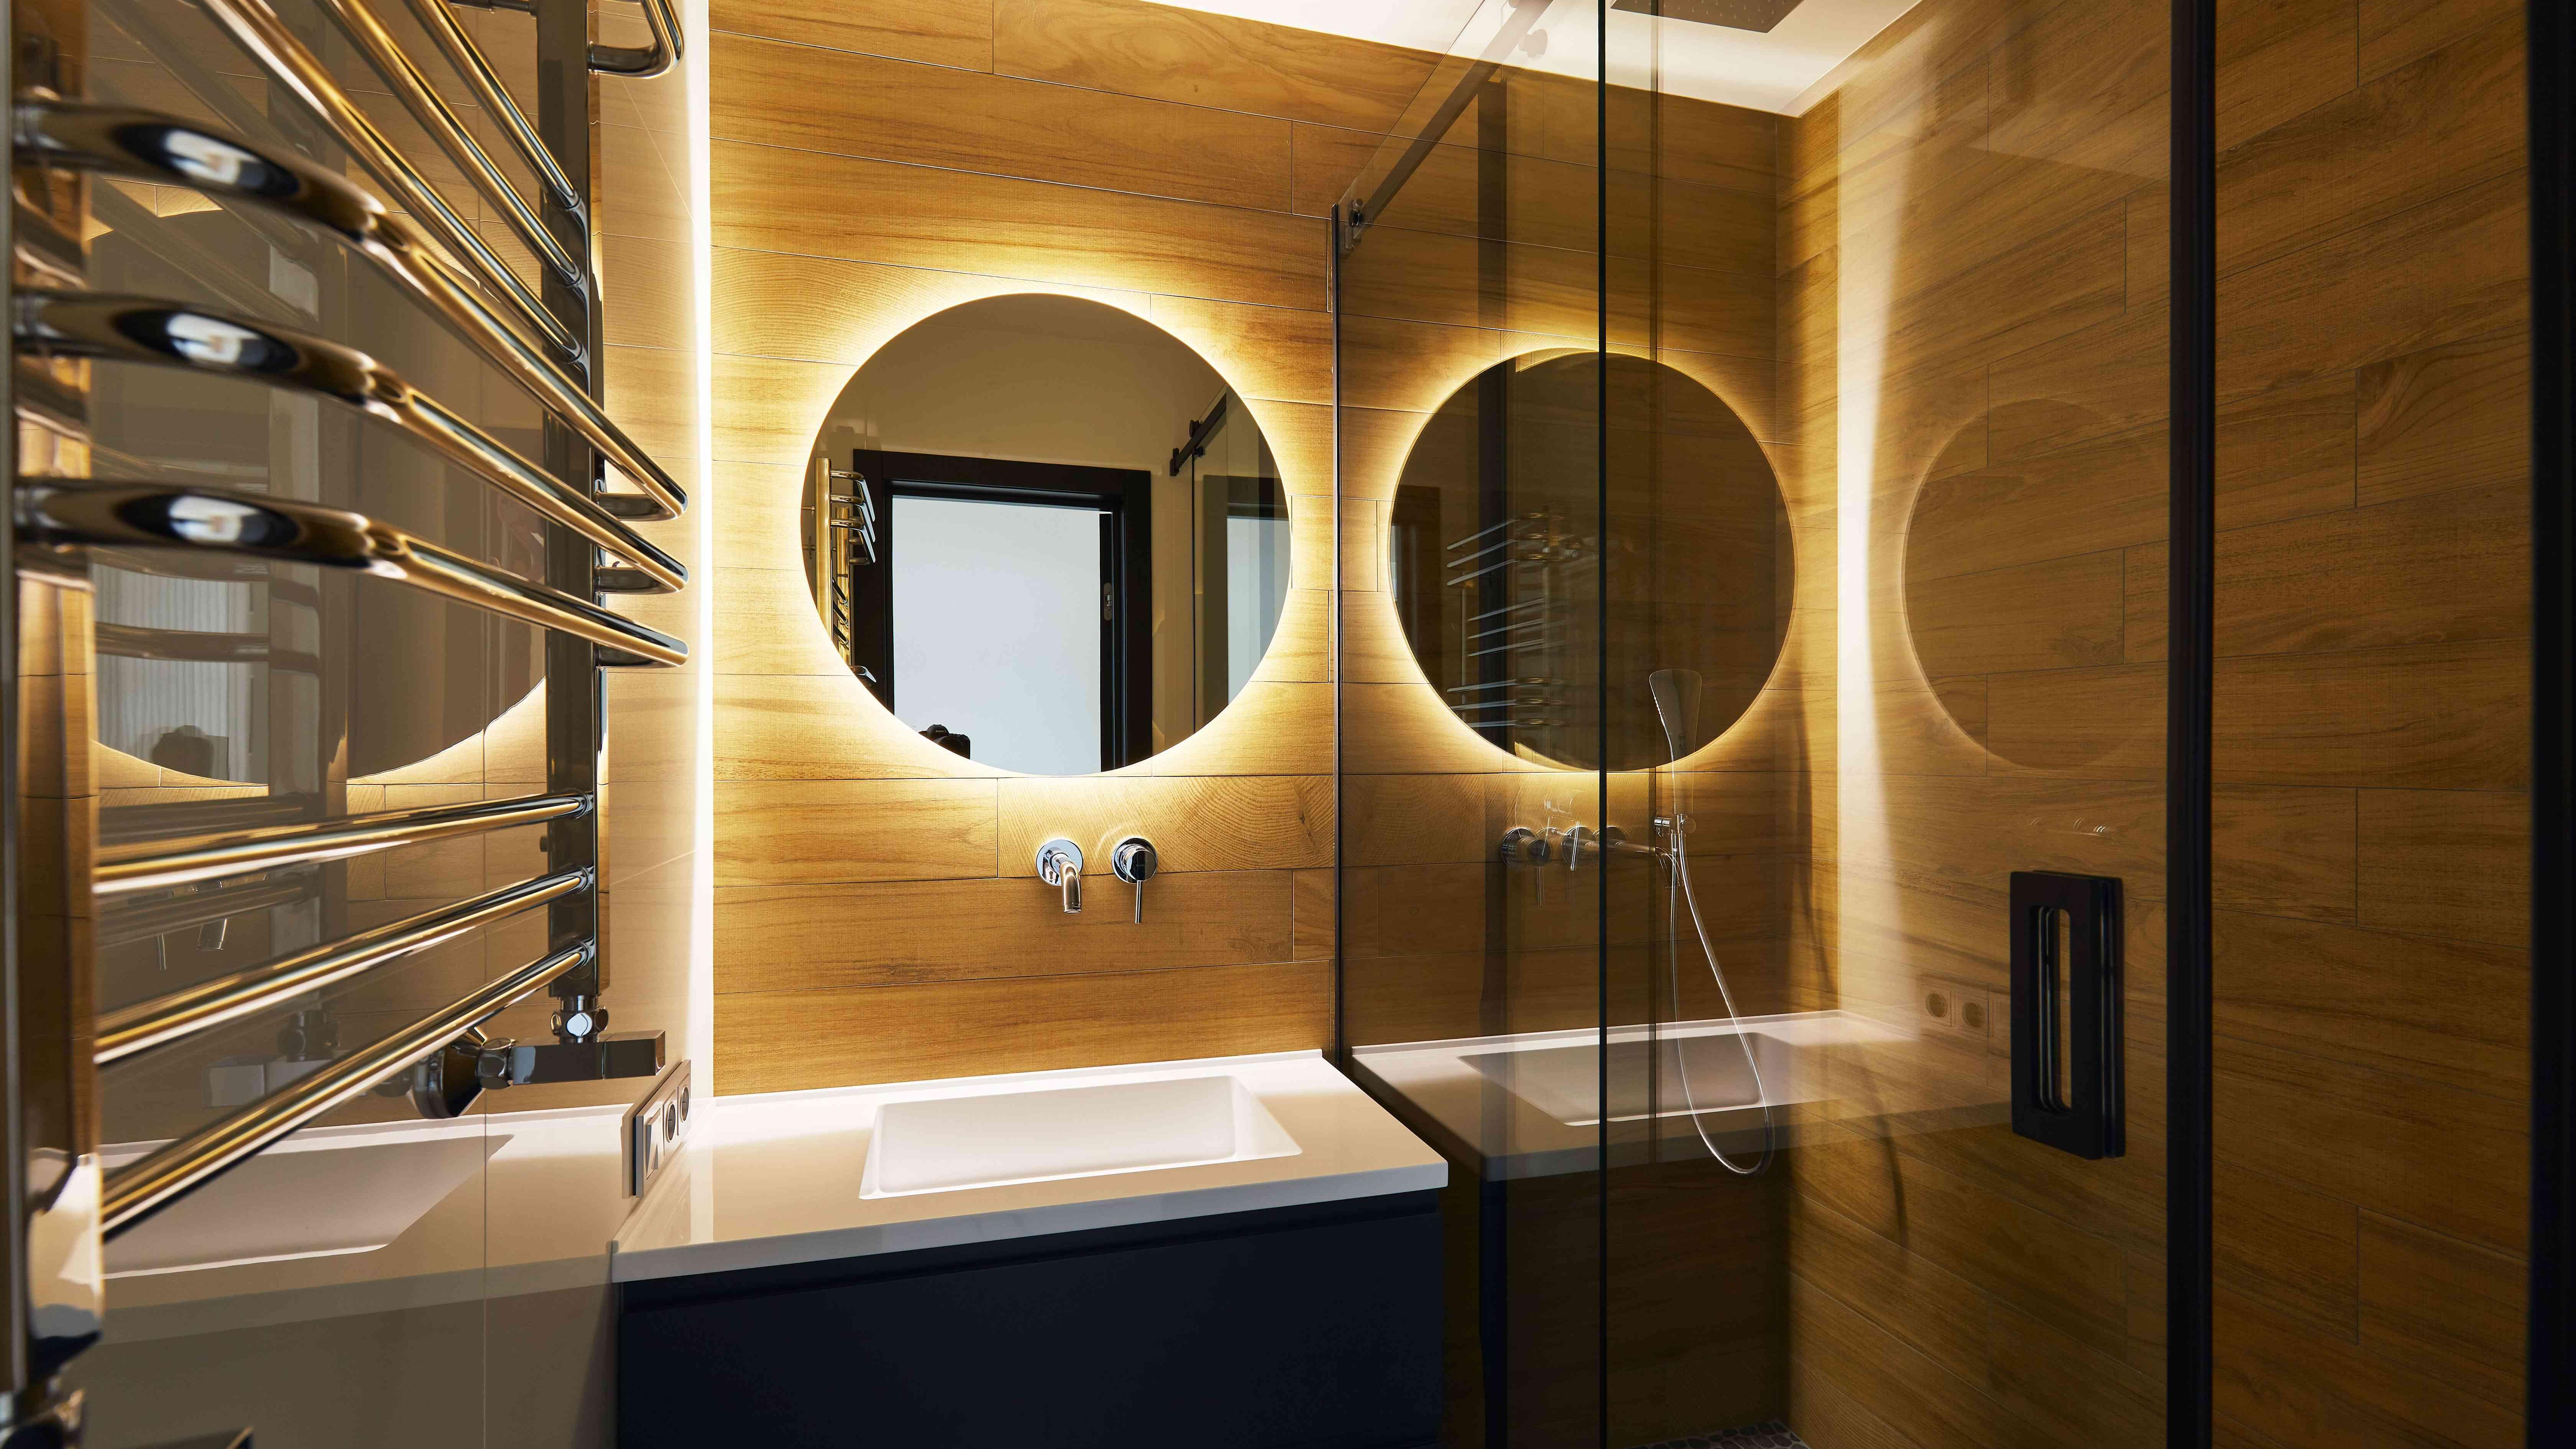 Cómo elegir la iluminación del baño